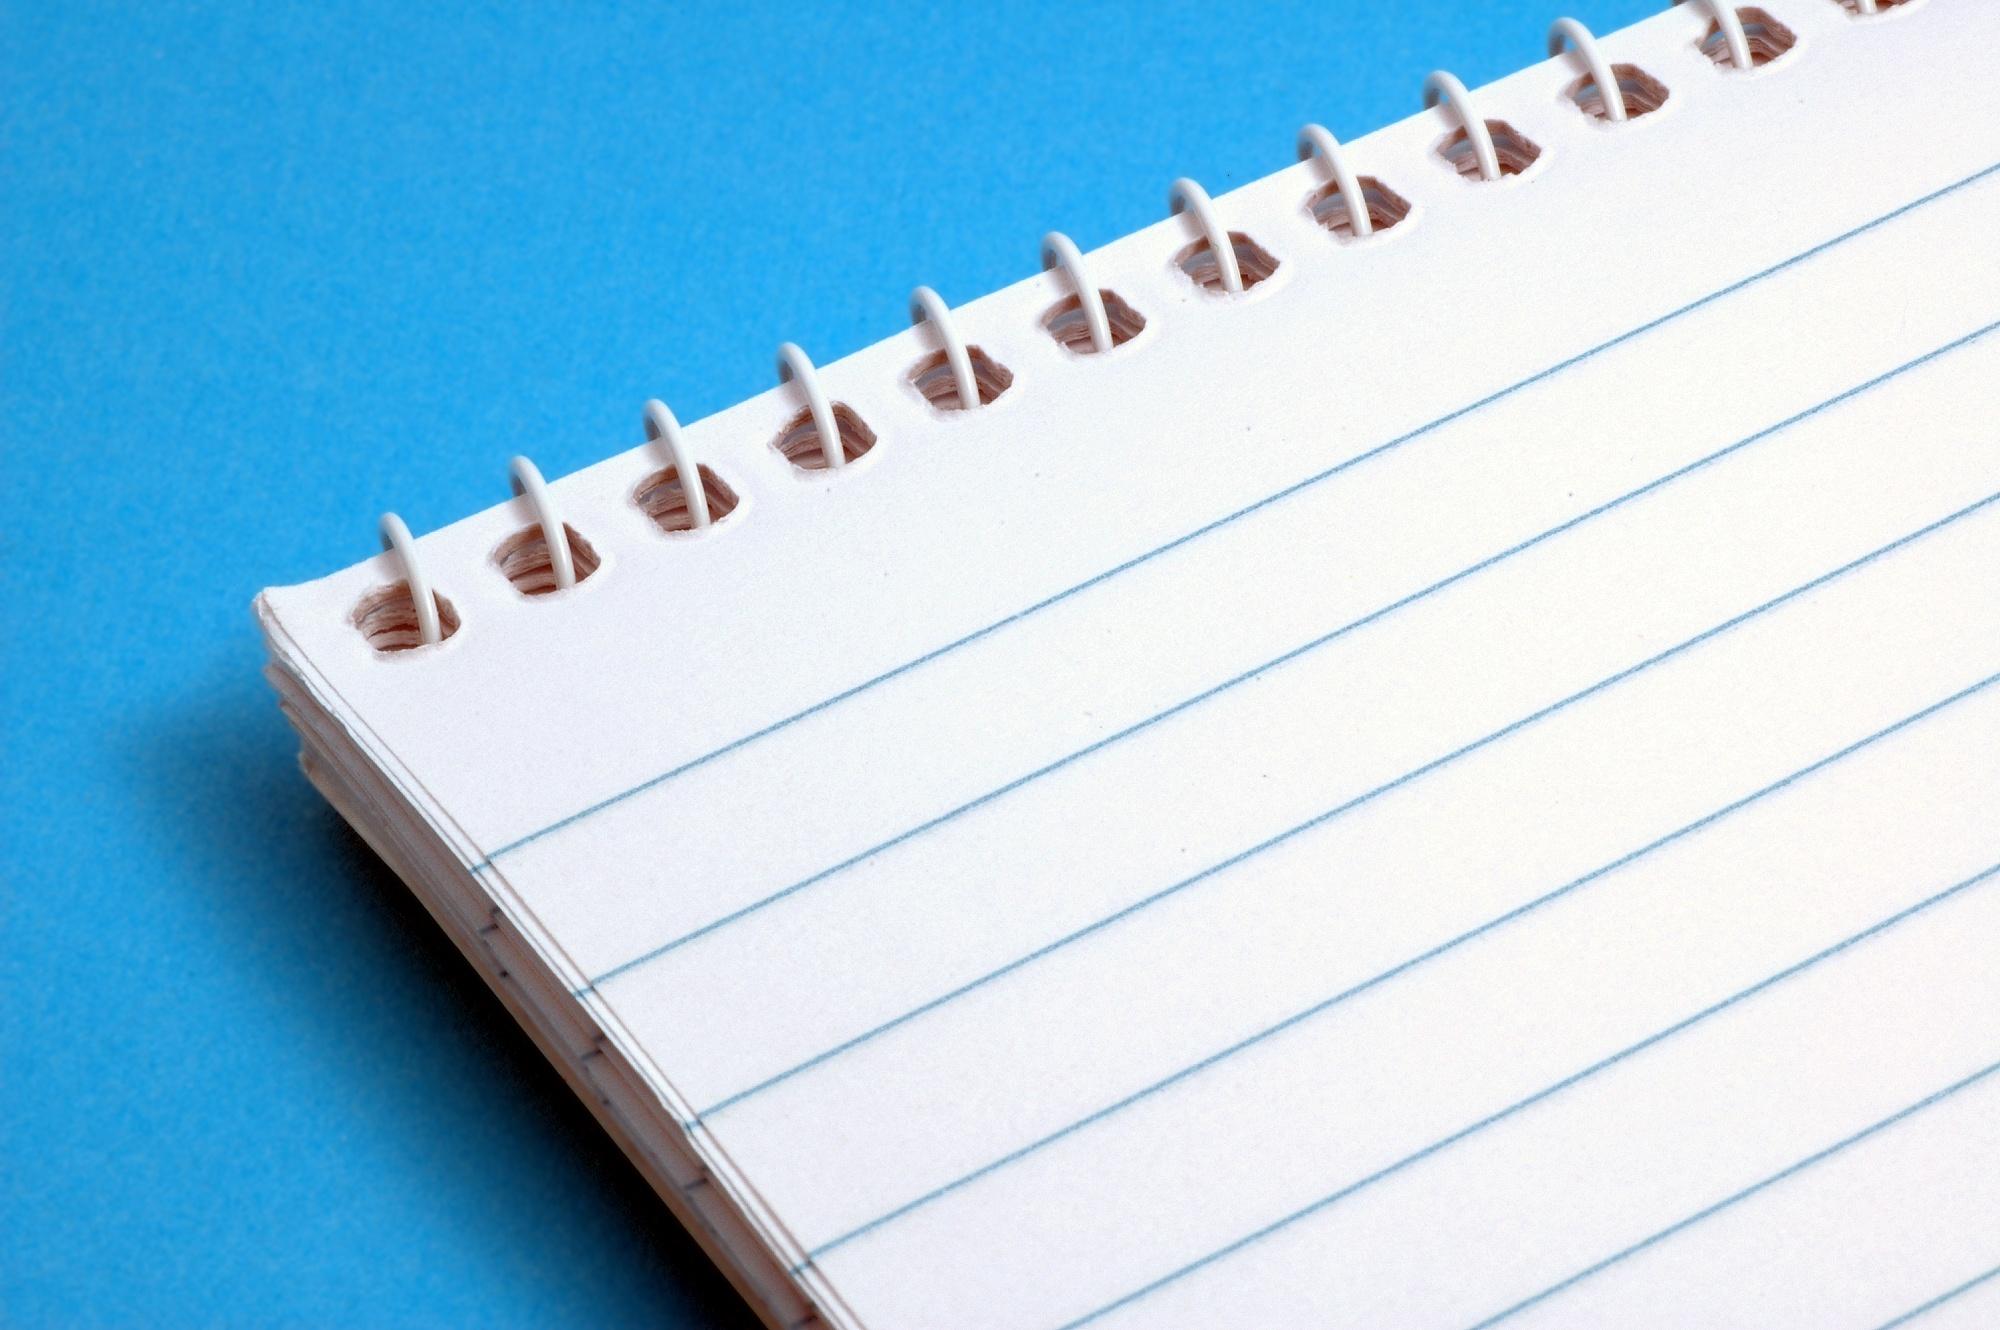 New financial year tax checklist